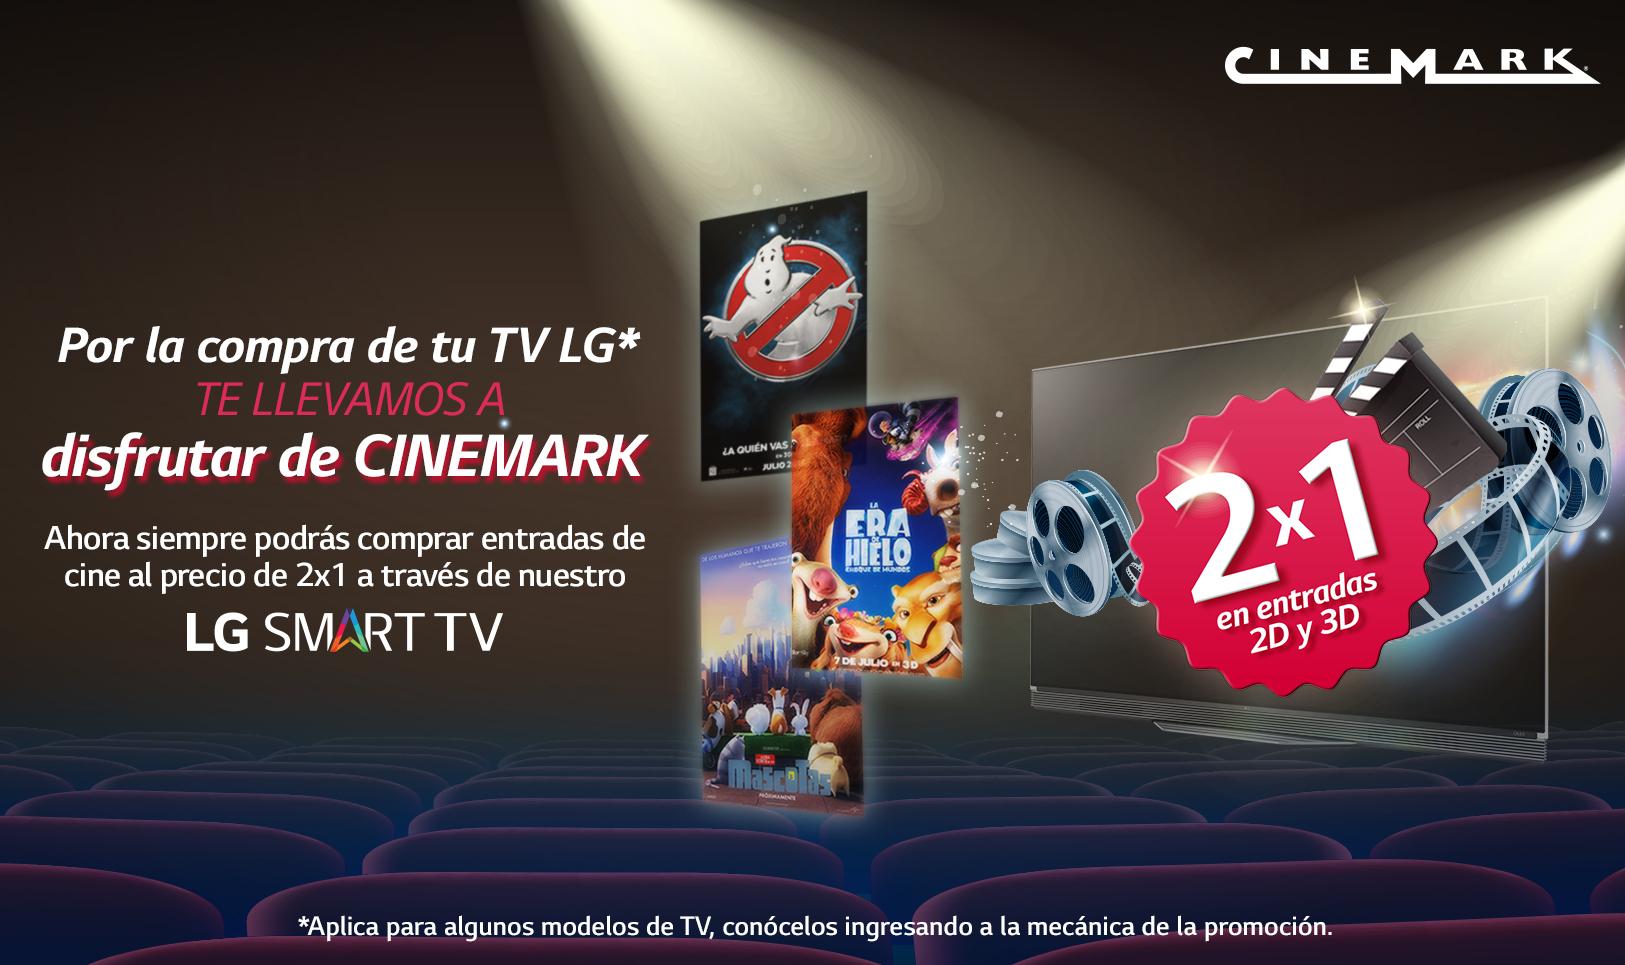 POR LA COMPRA DE TU TV LG* TE LLEVAMOS A DISFRUTAR DE CINEMARK